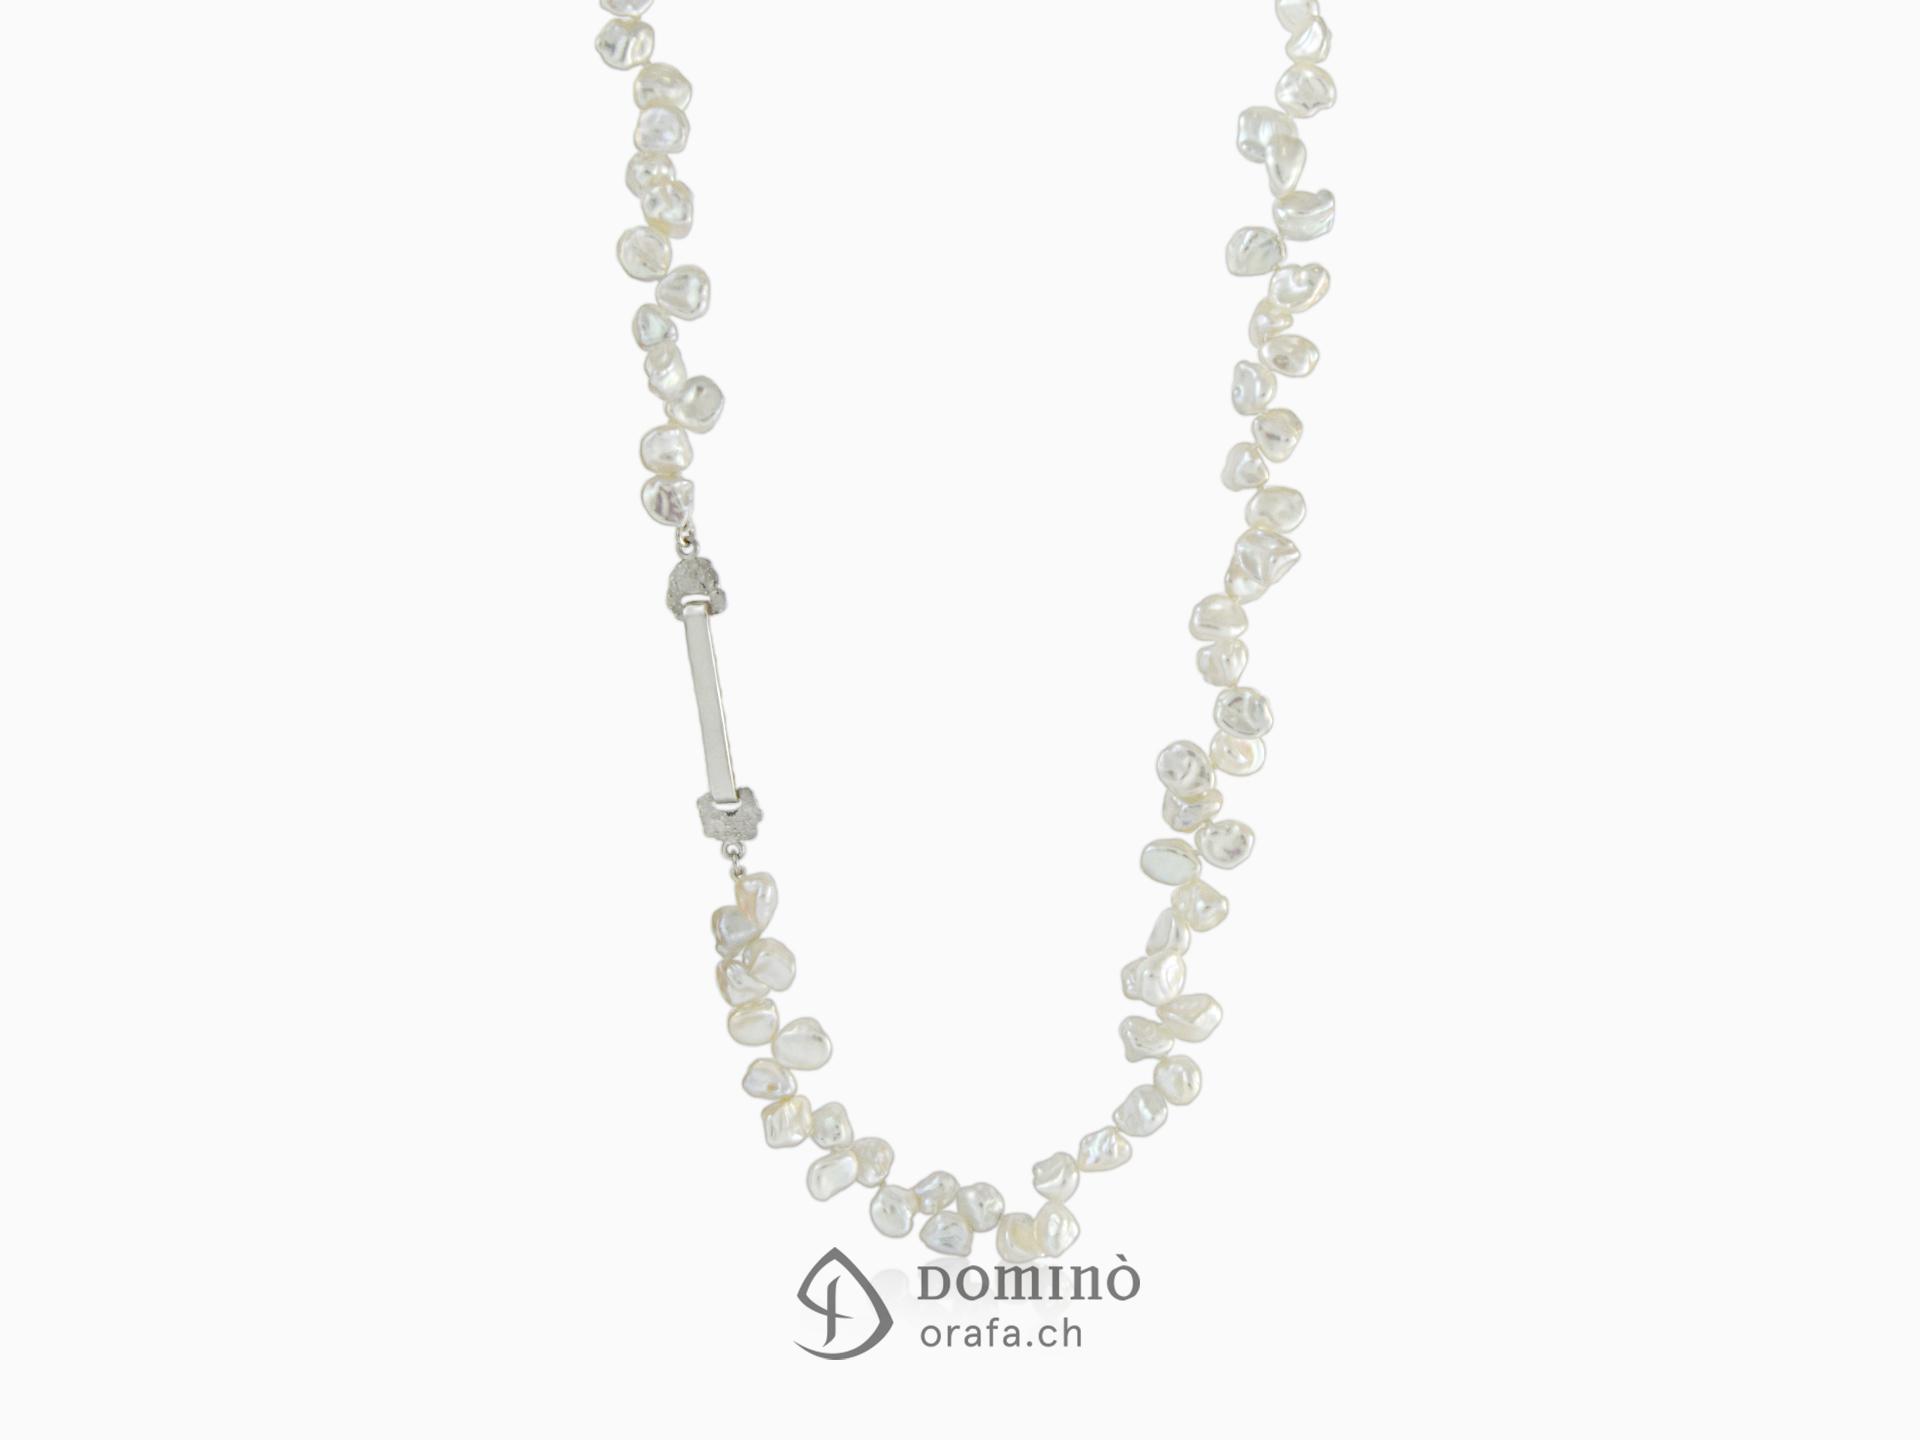 Collier di perle